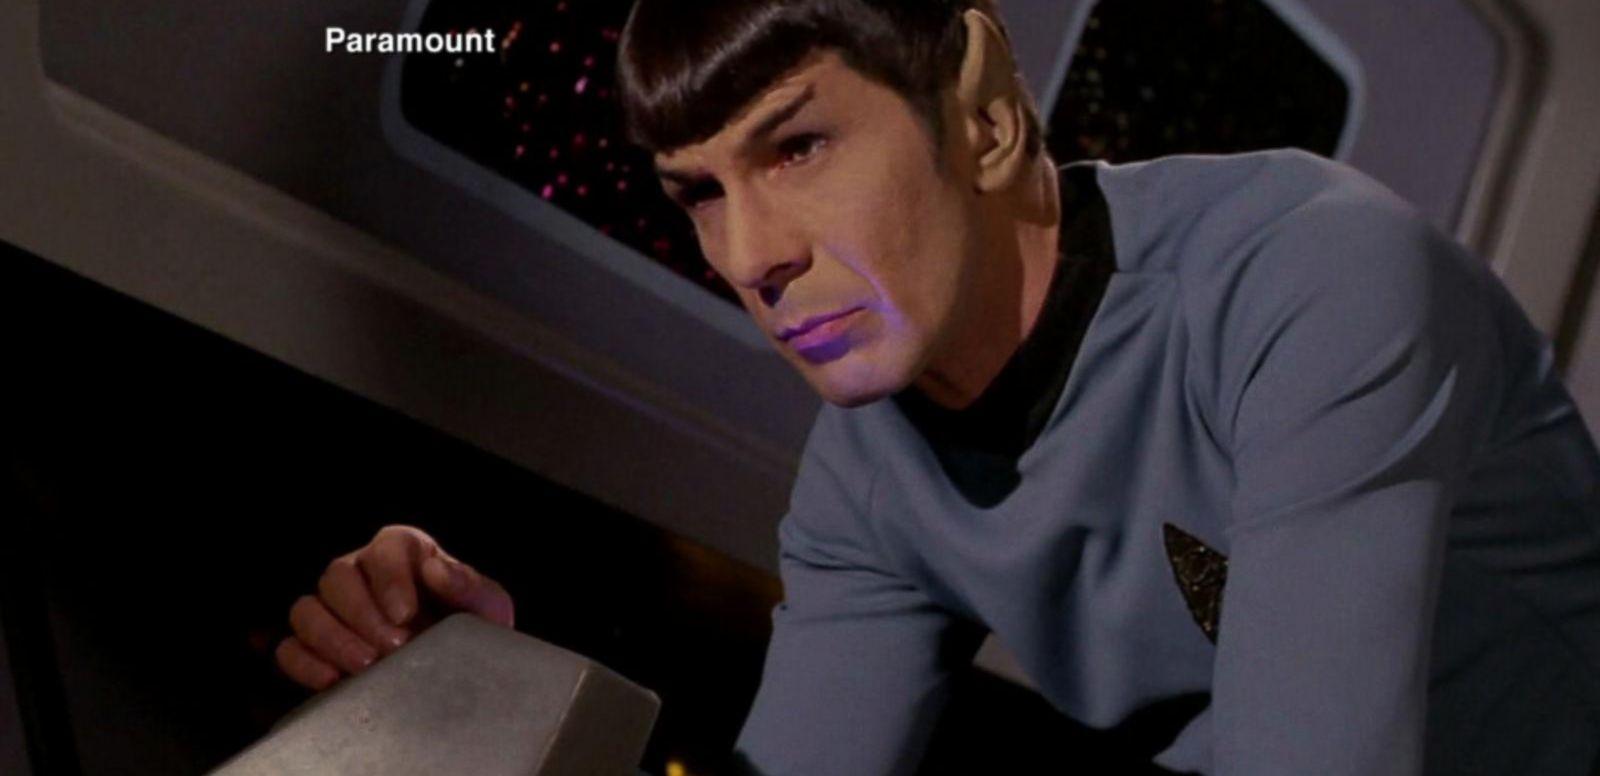 VIDEO: 'Star Trek' Actor Leonard Nimoy Dies